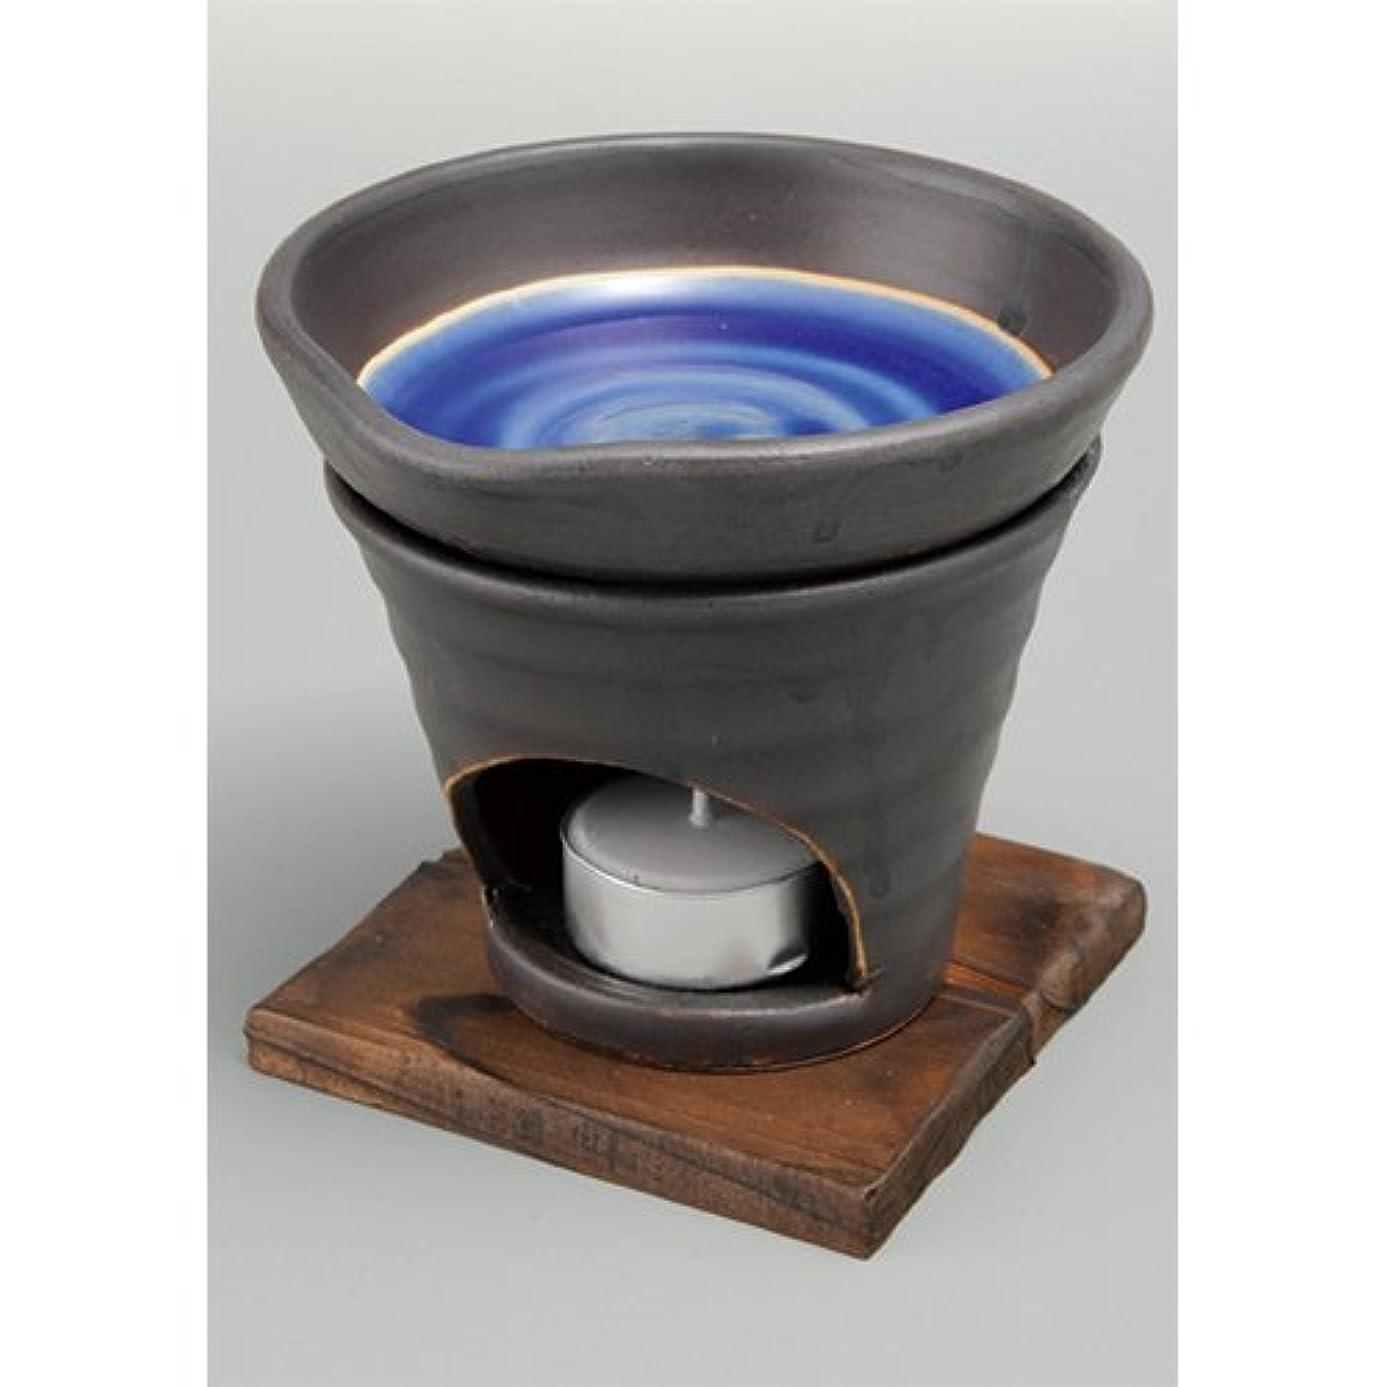 テメリティ検出するエジプト香炉 黒釉 茶香炉(青) [R11.8xH11.5cm] HANDMADE プレゼント ギフト 和食器 かわいい インテリア